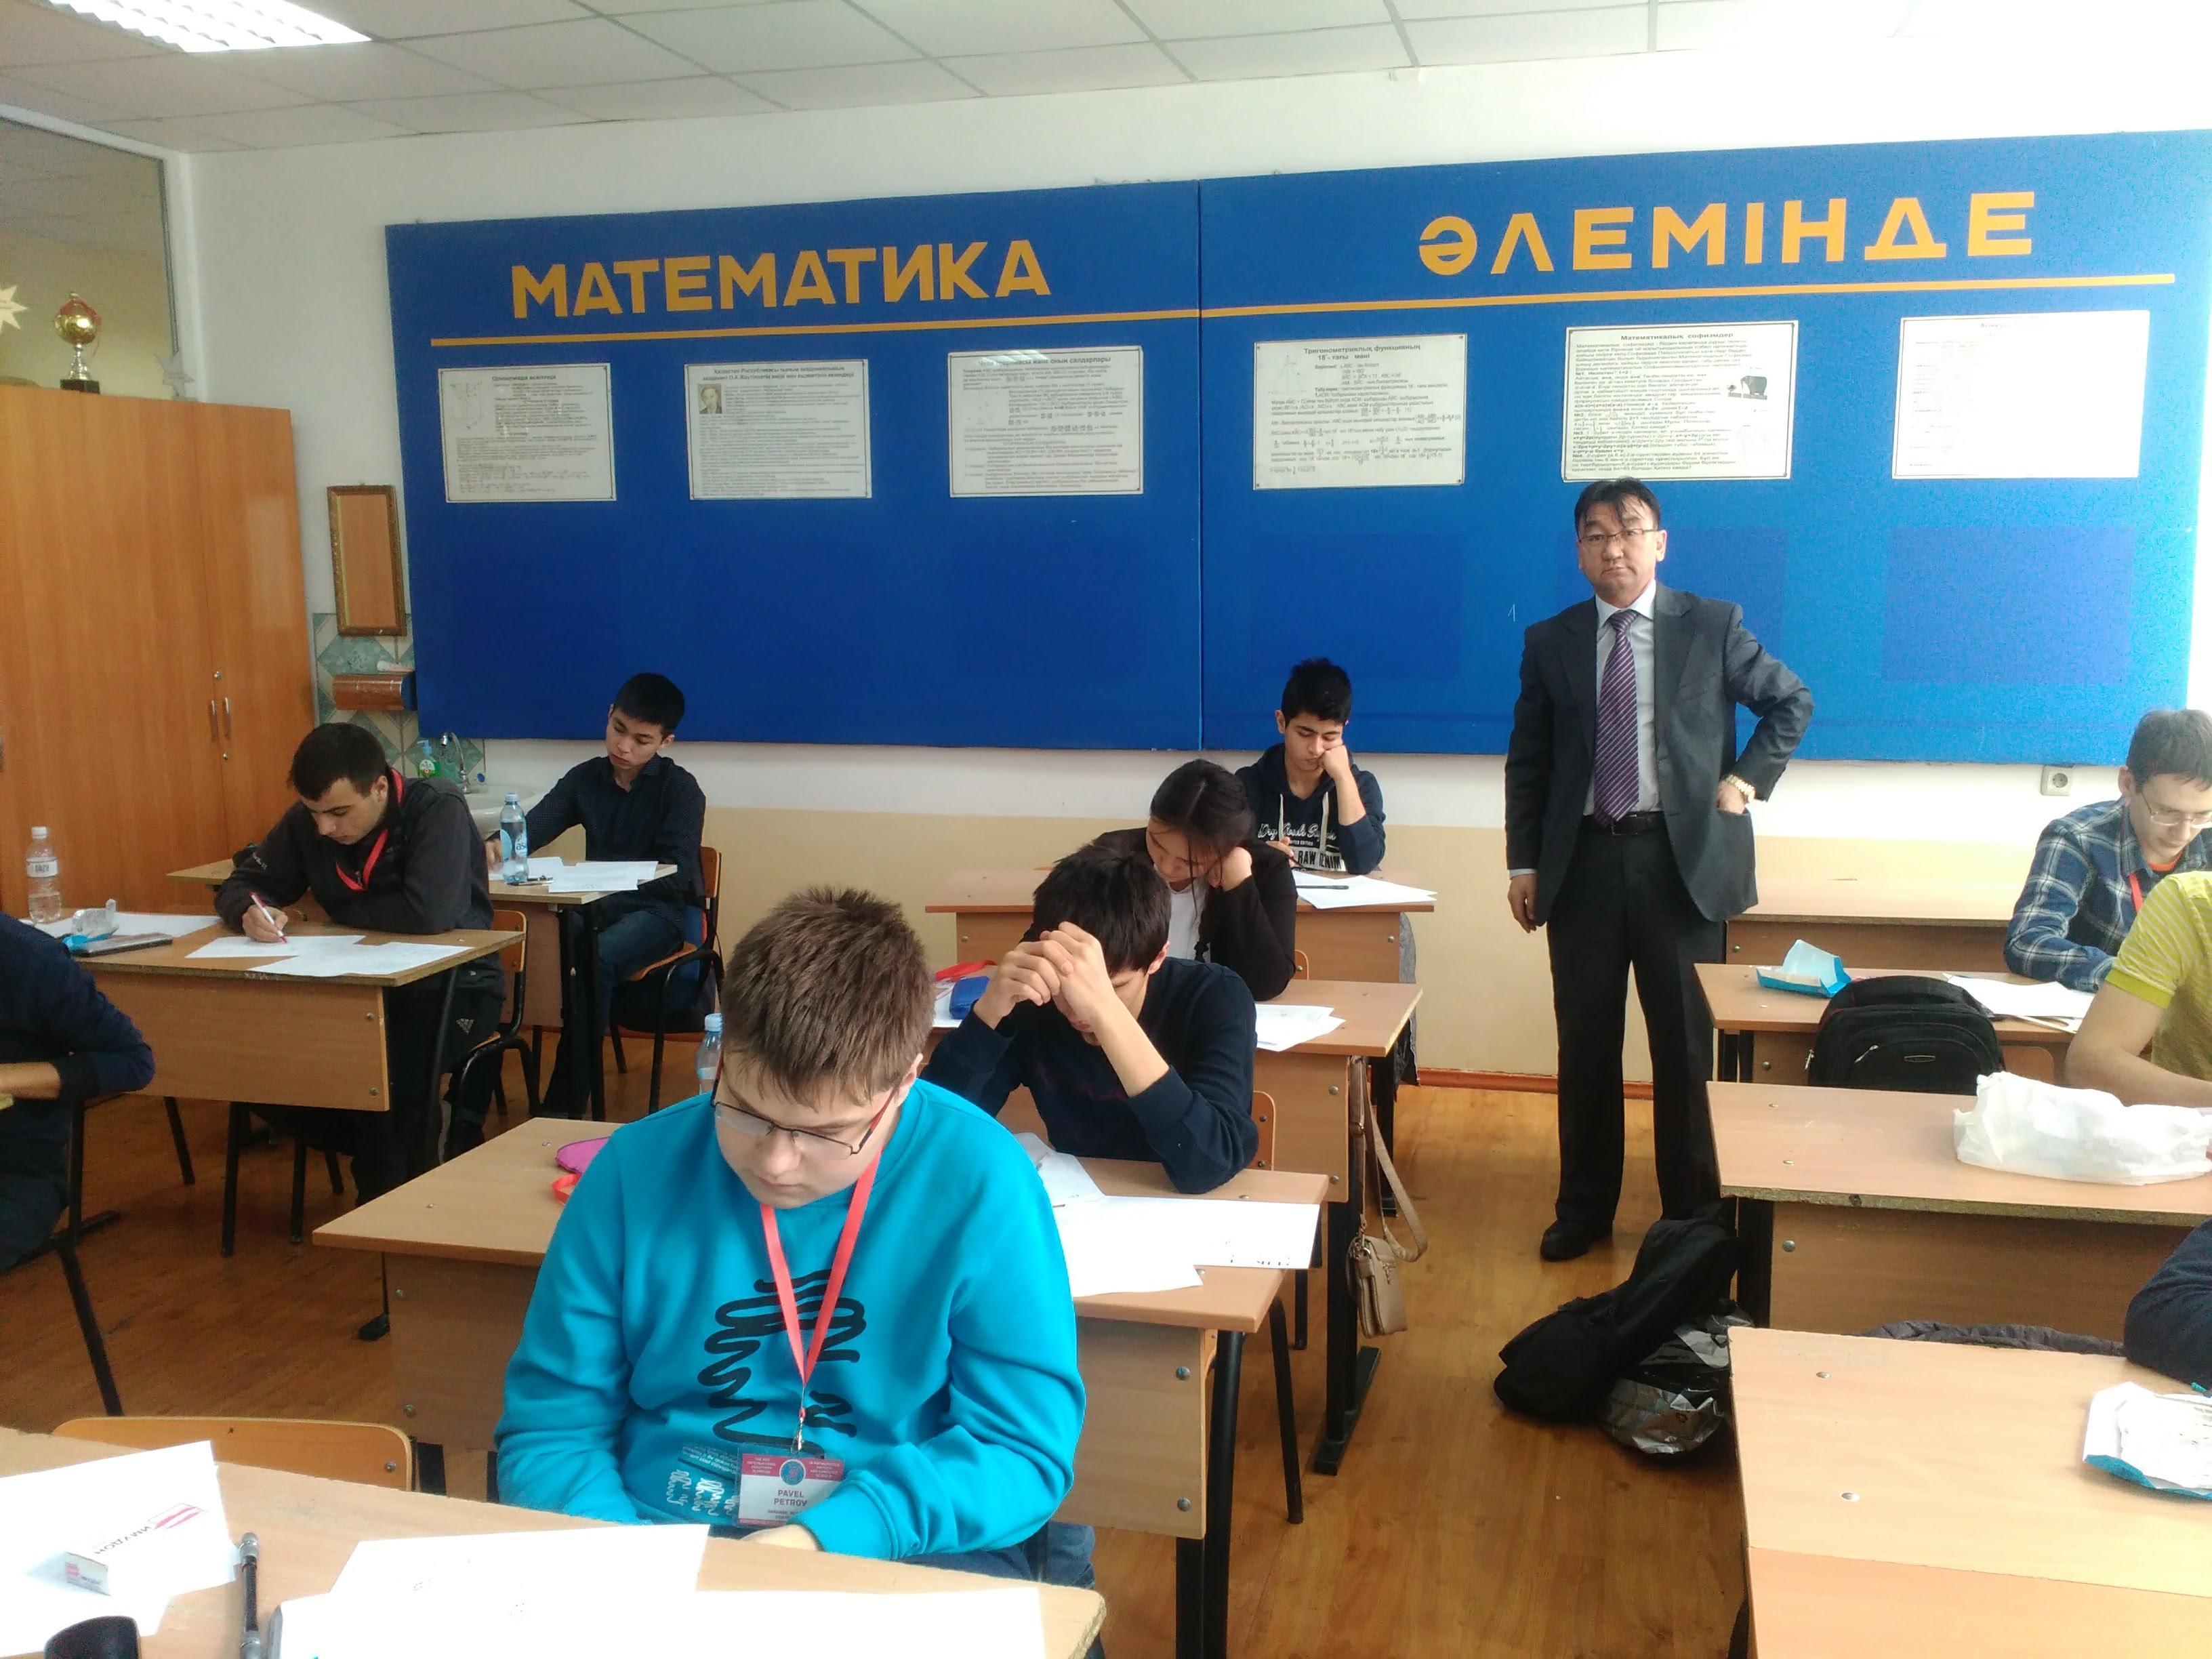 жаутыковская олимпиада задачи по физике